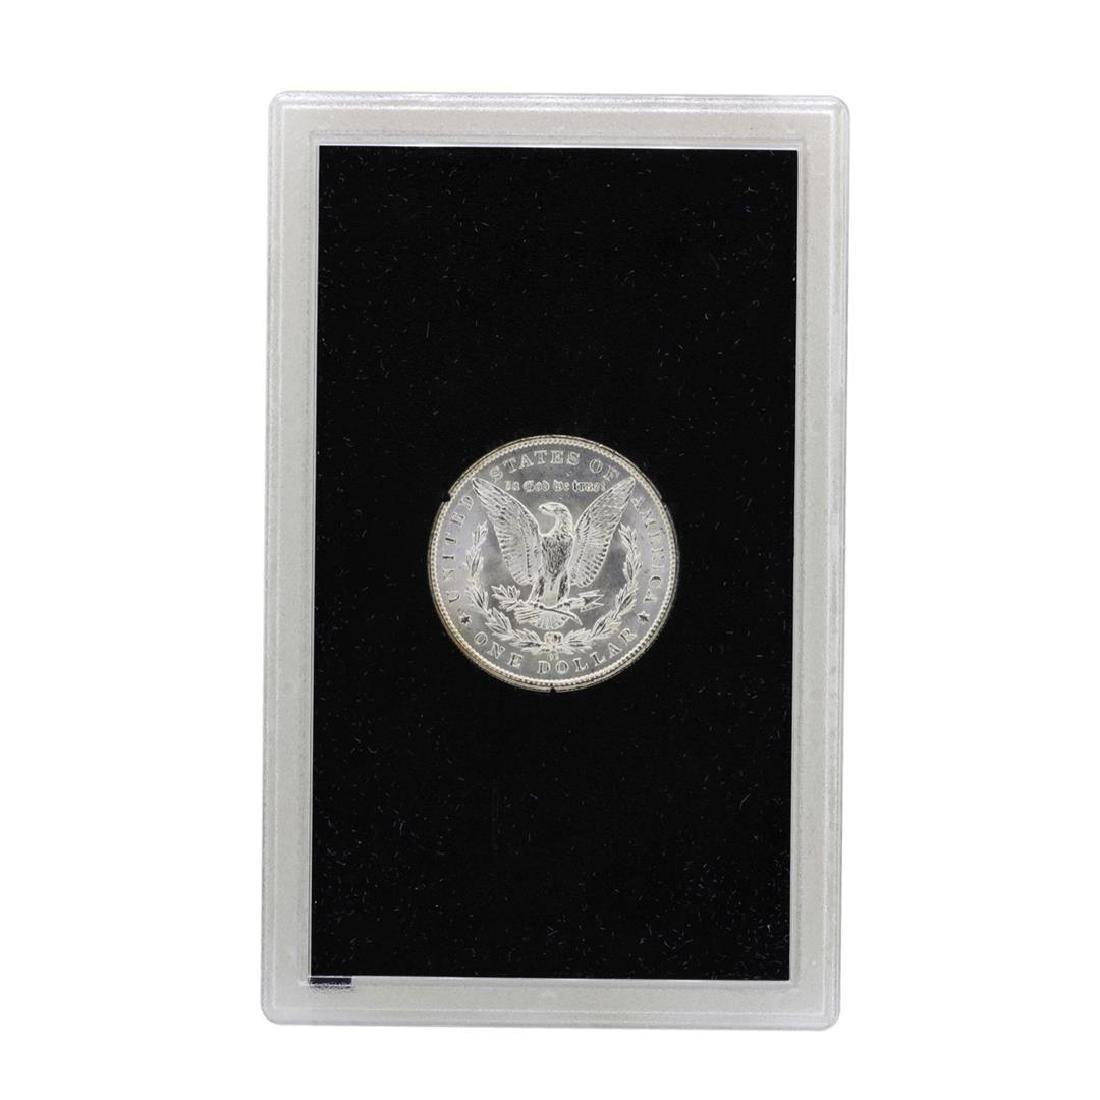 1885-CC $1 Morgan Silver Dollar Coin GSA Uncirculated - 2